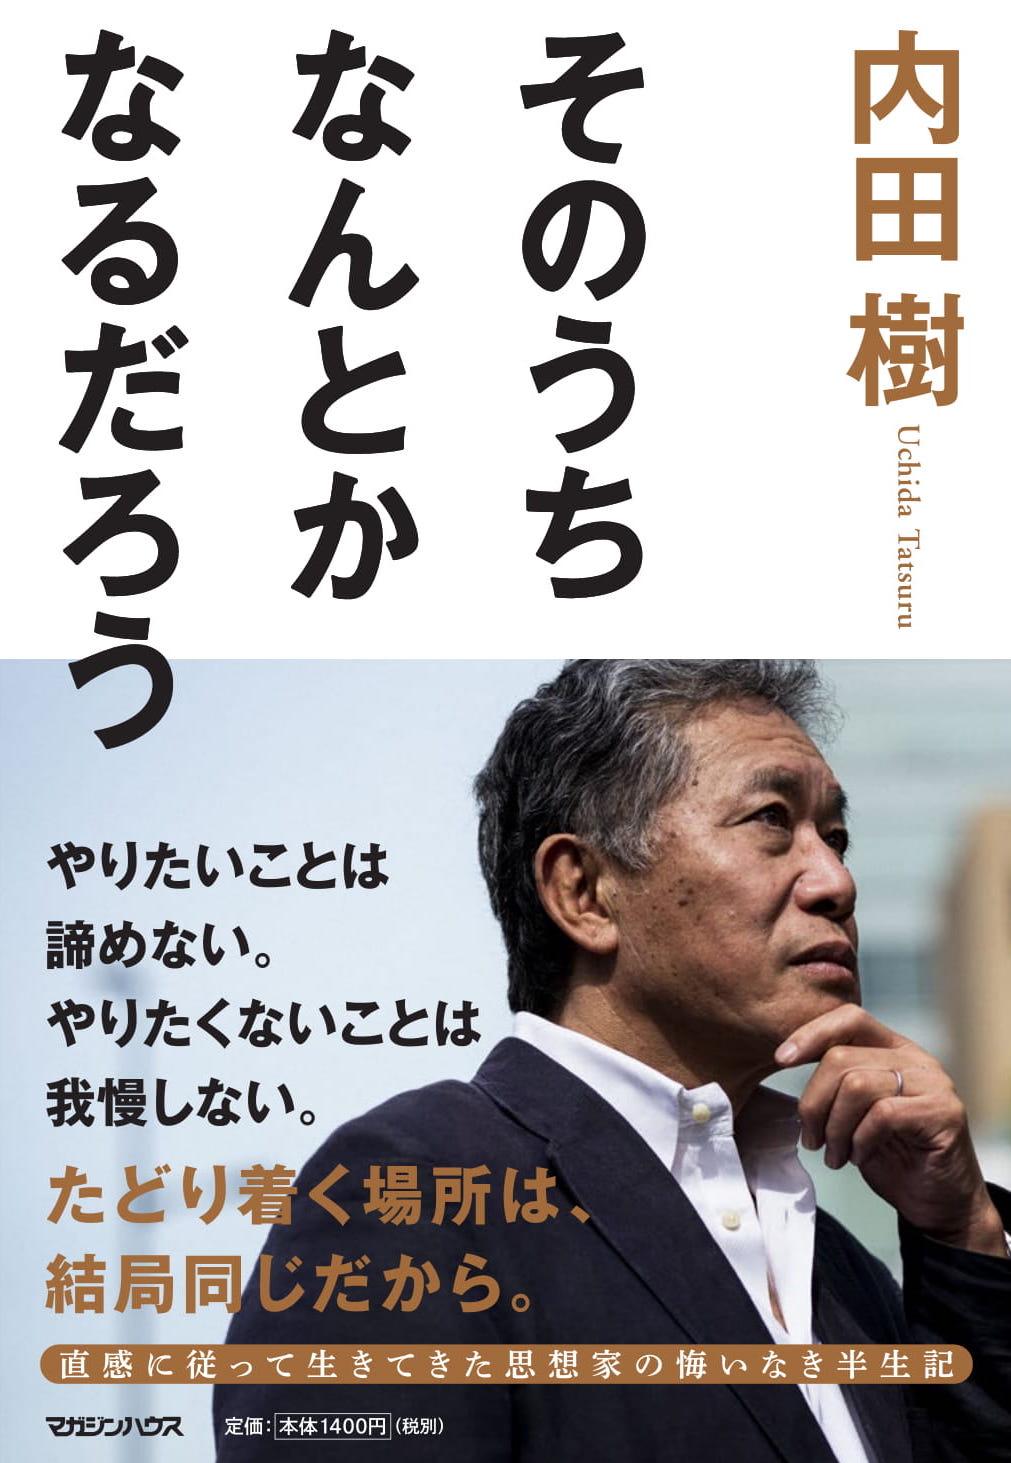 内田樹先生トーク&サイン会